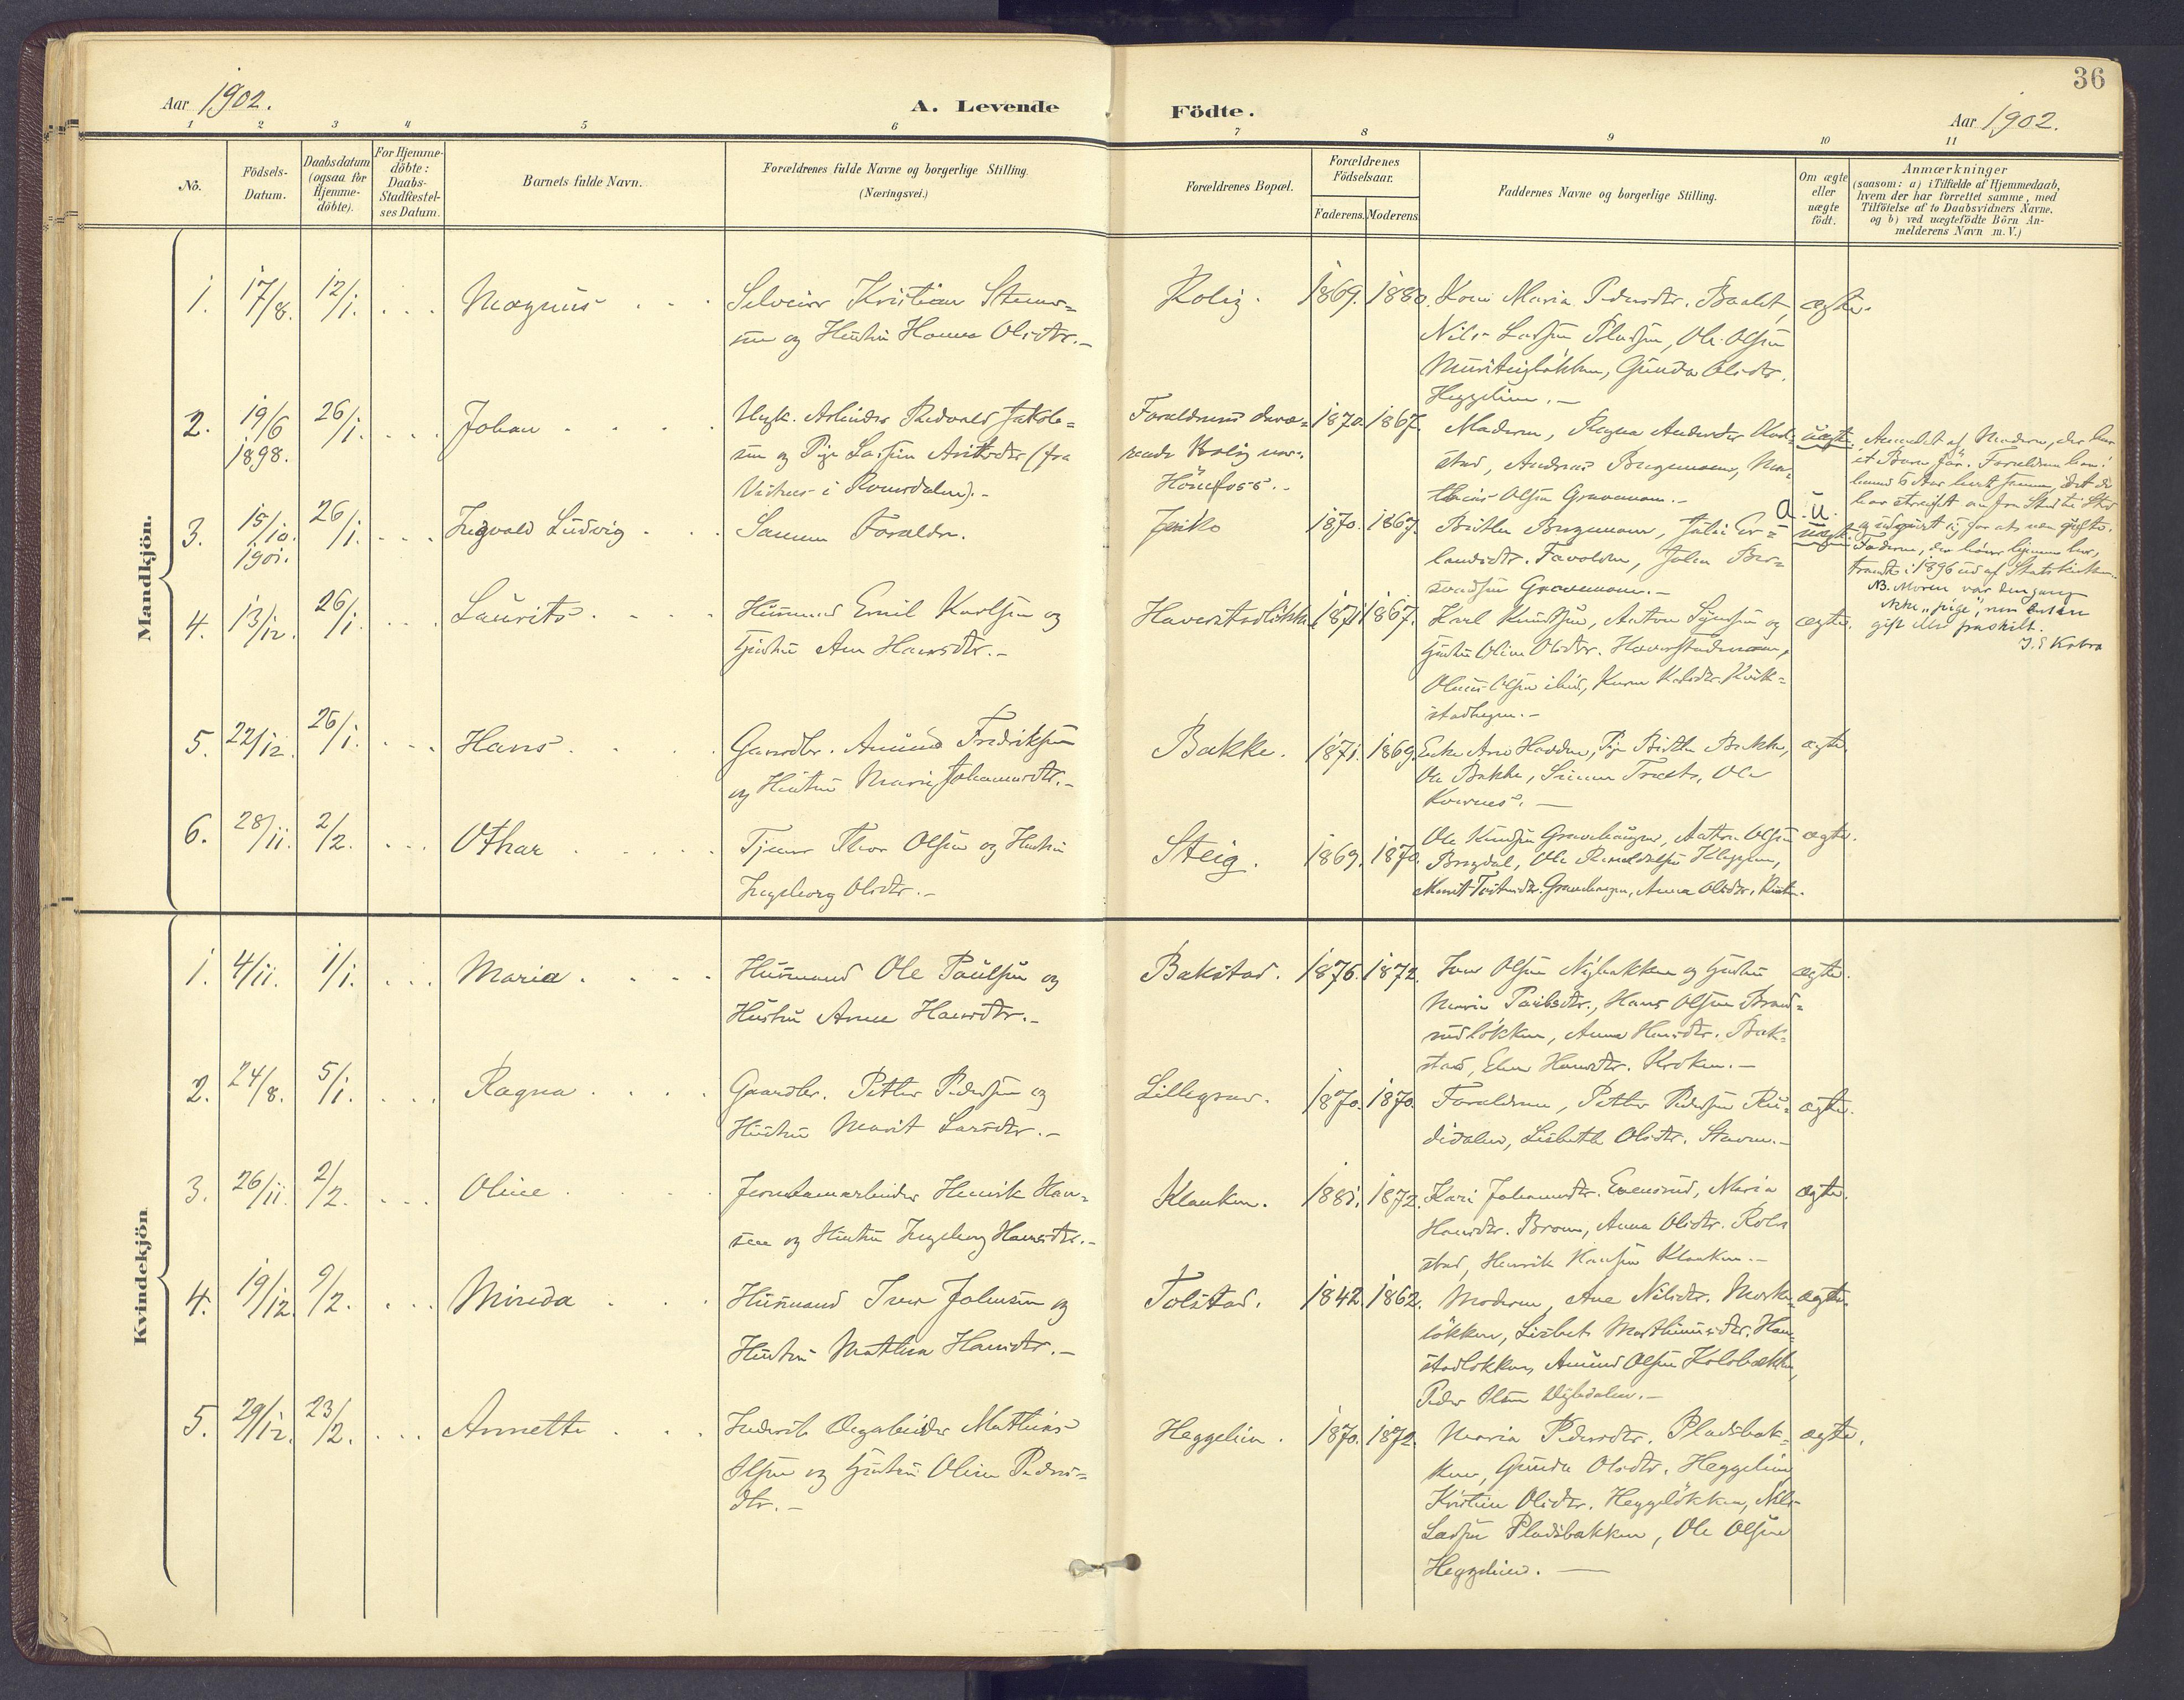 SAH, Sør-Fron prestekontor, H/Ha/Haa/L0004: Ministerialbok nr. 4, 1898-1919, s. 36